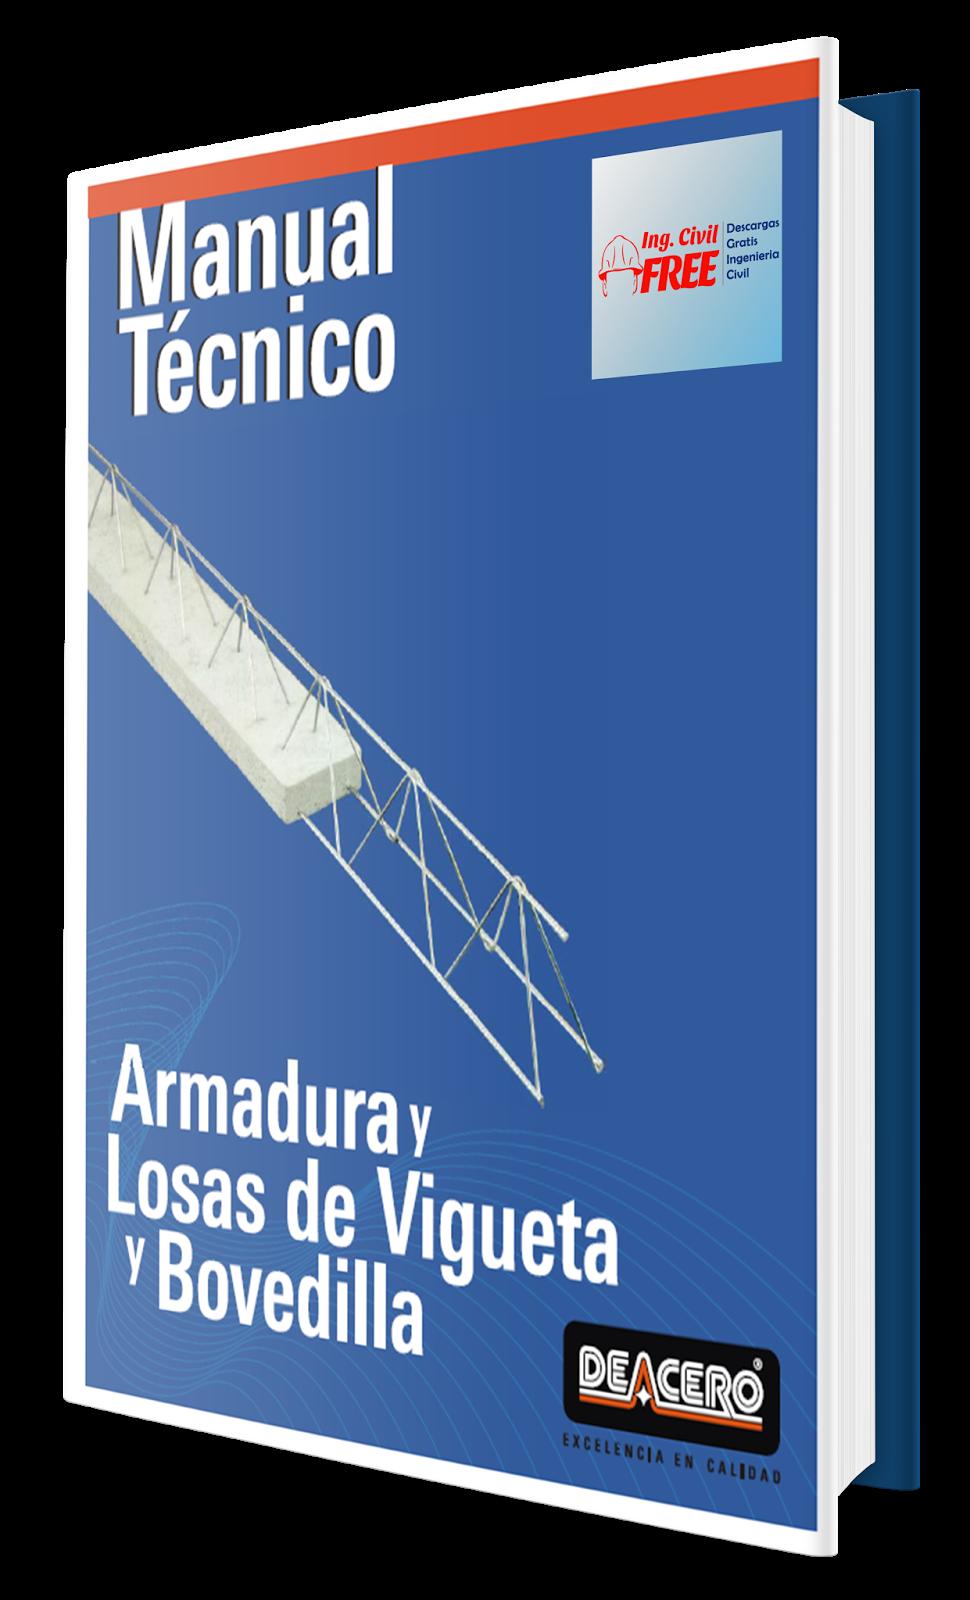 manual t cnico armaduras losas de vigueta y bovedilla